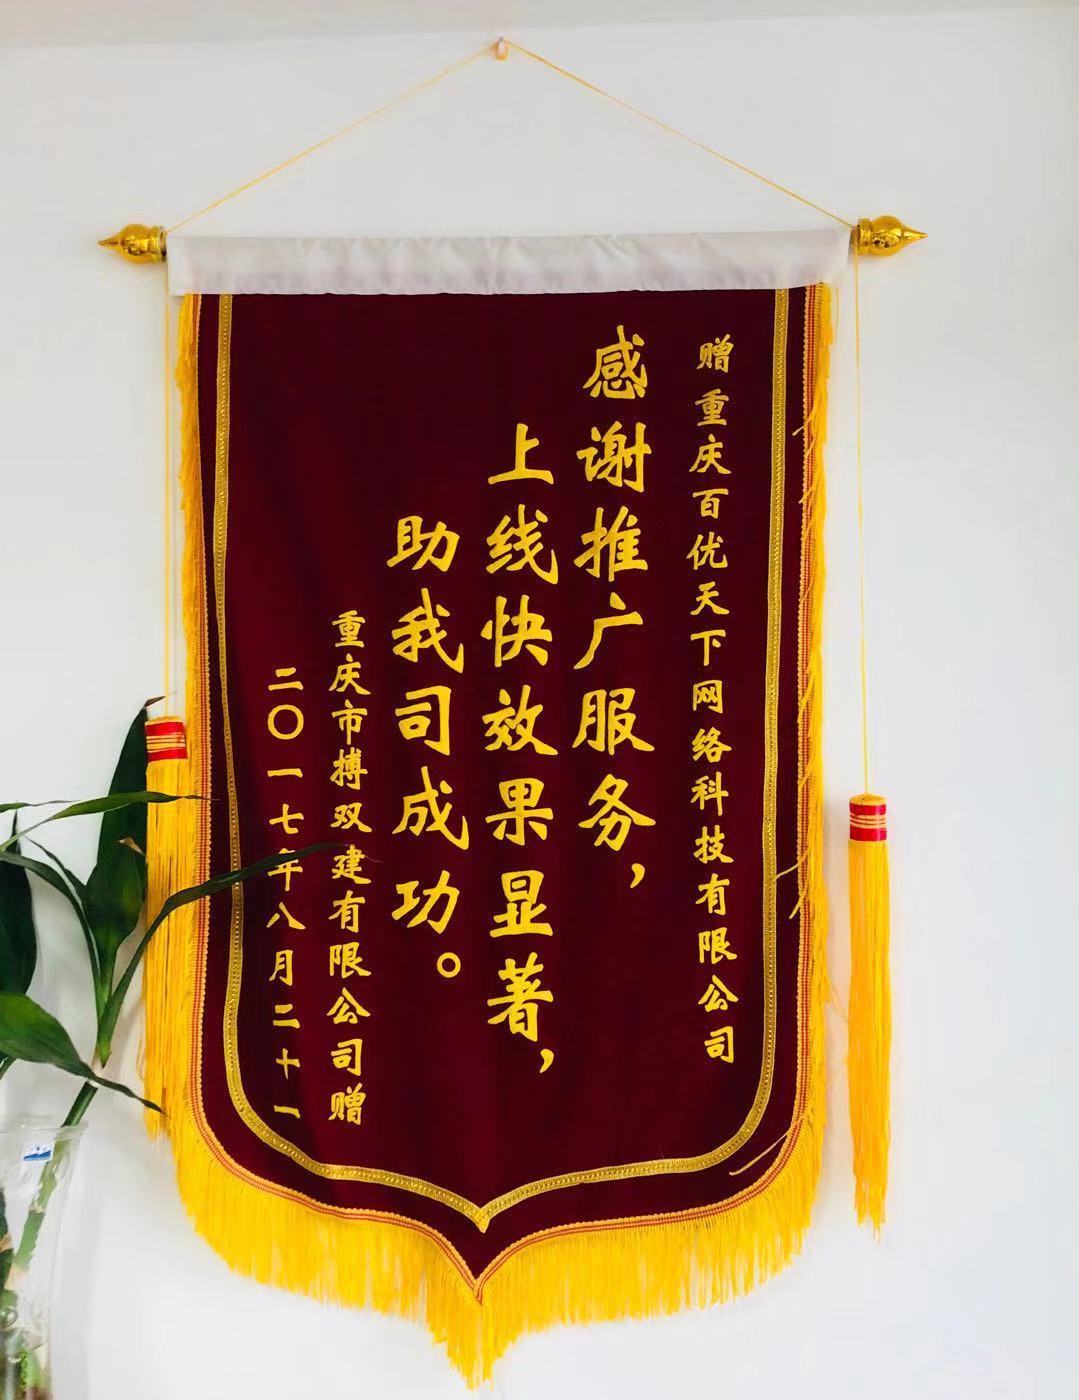 锦旗(1)